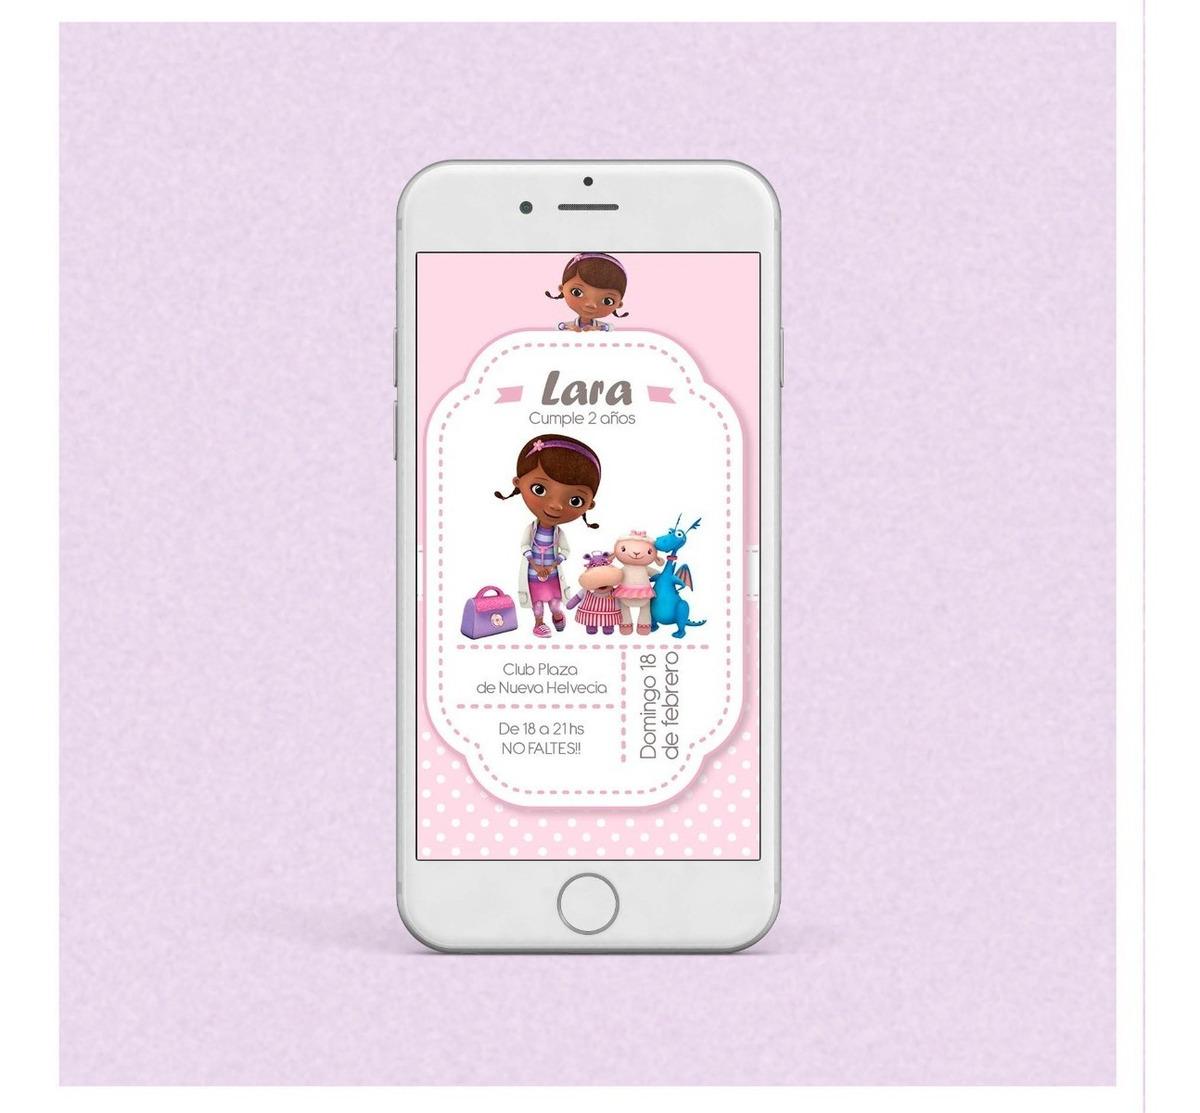 Tarjeta Invitación Infantil Digital Enviar Doctora Juguetes